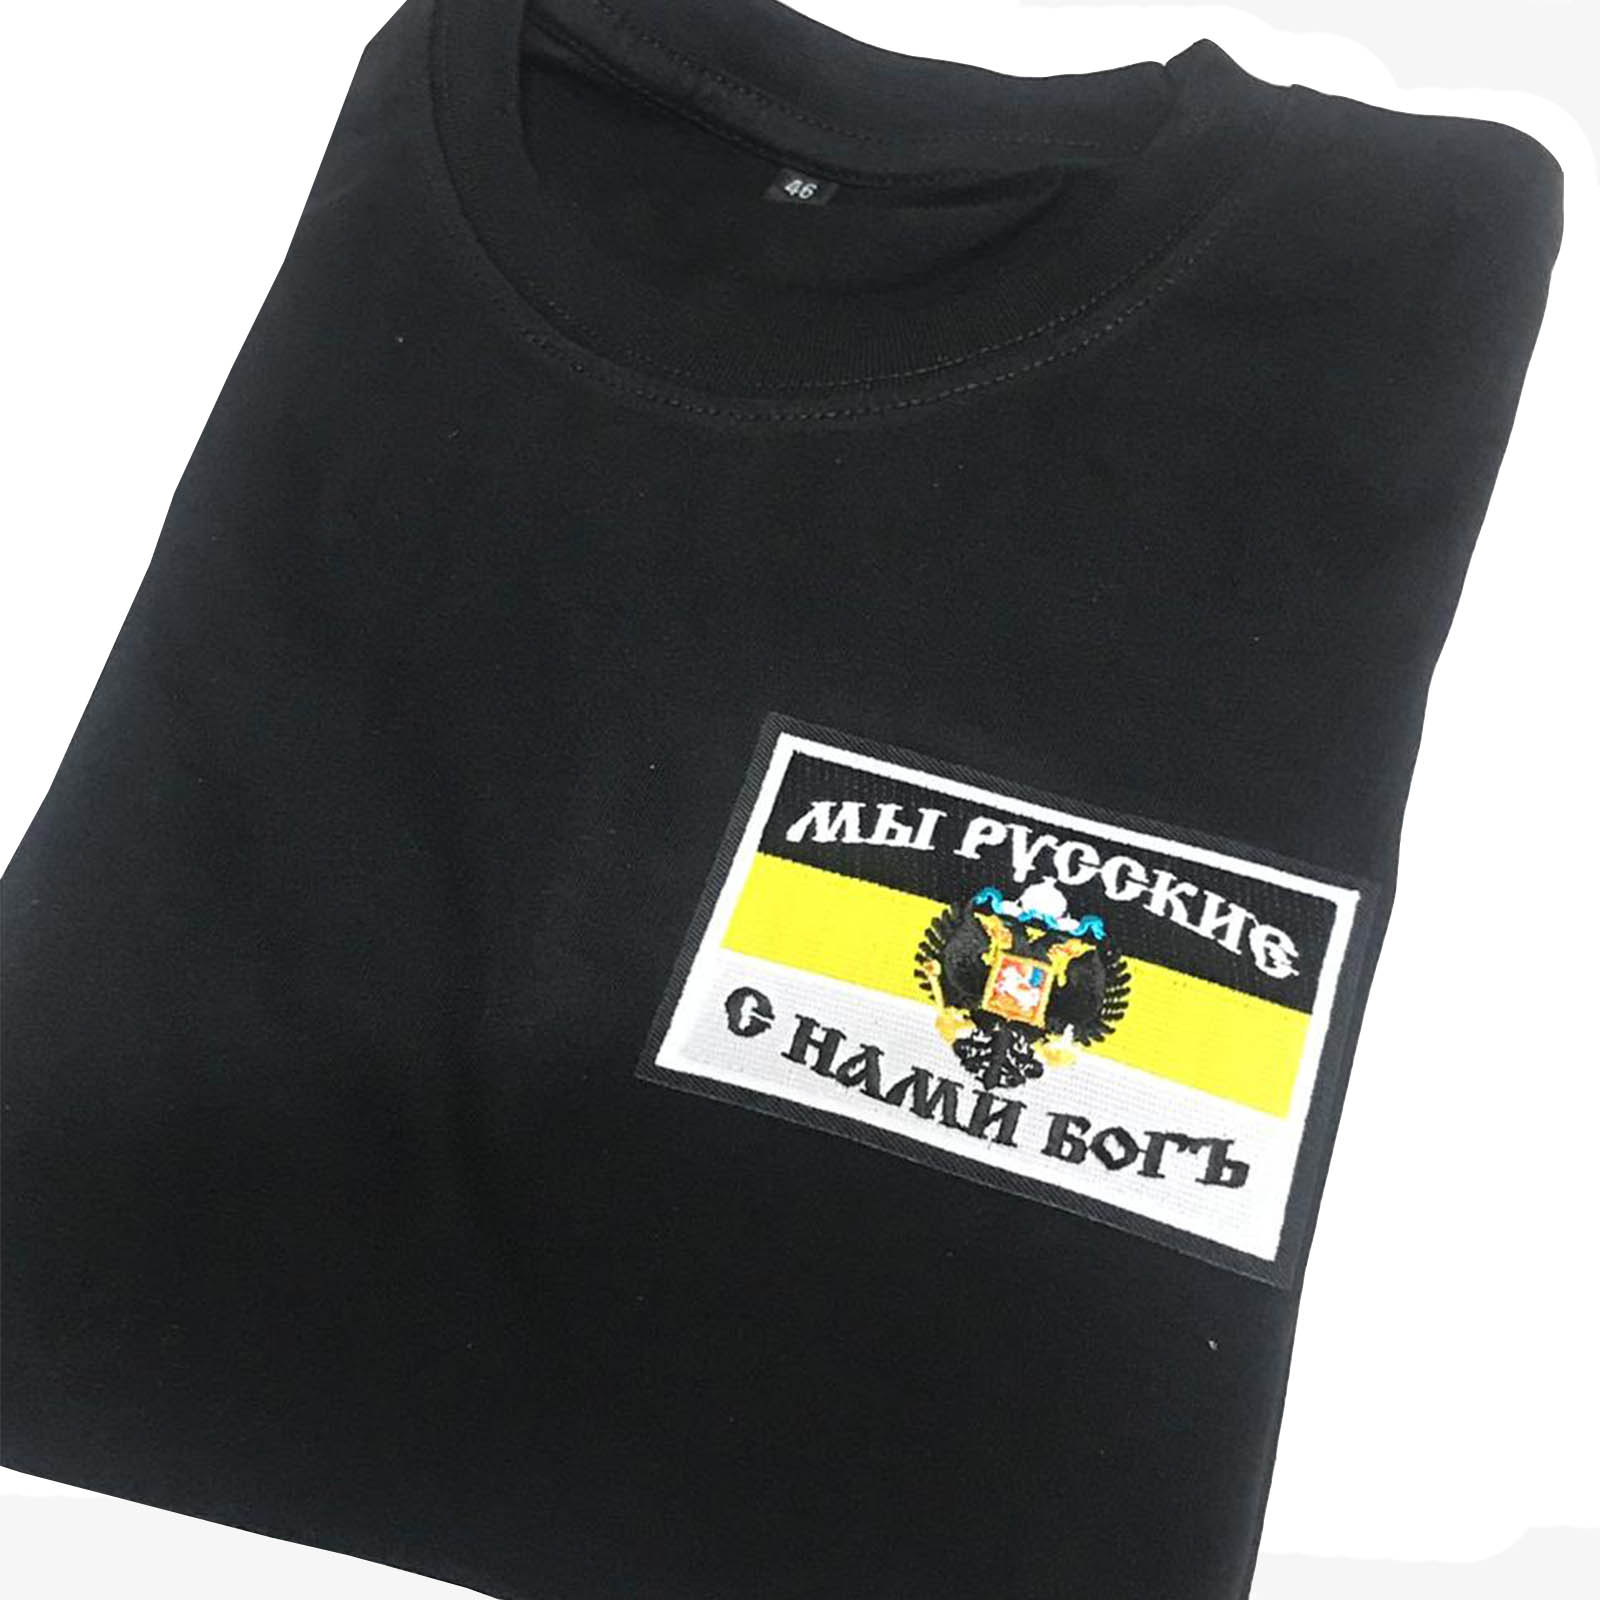 Черная футболка с вышивкой Мы Русские, с нами Богъ